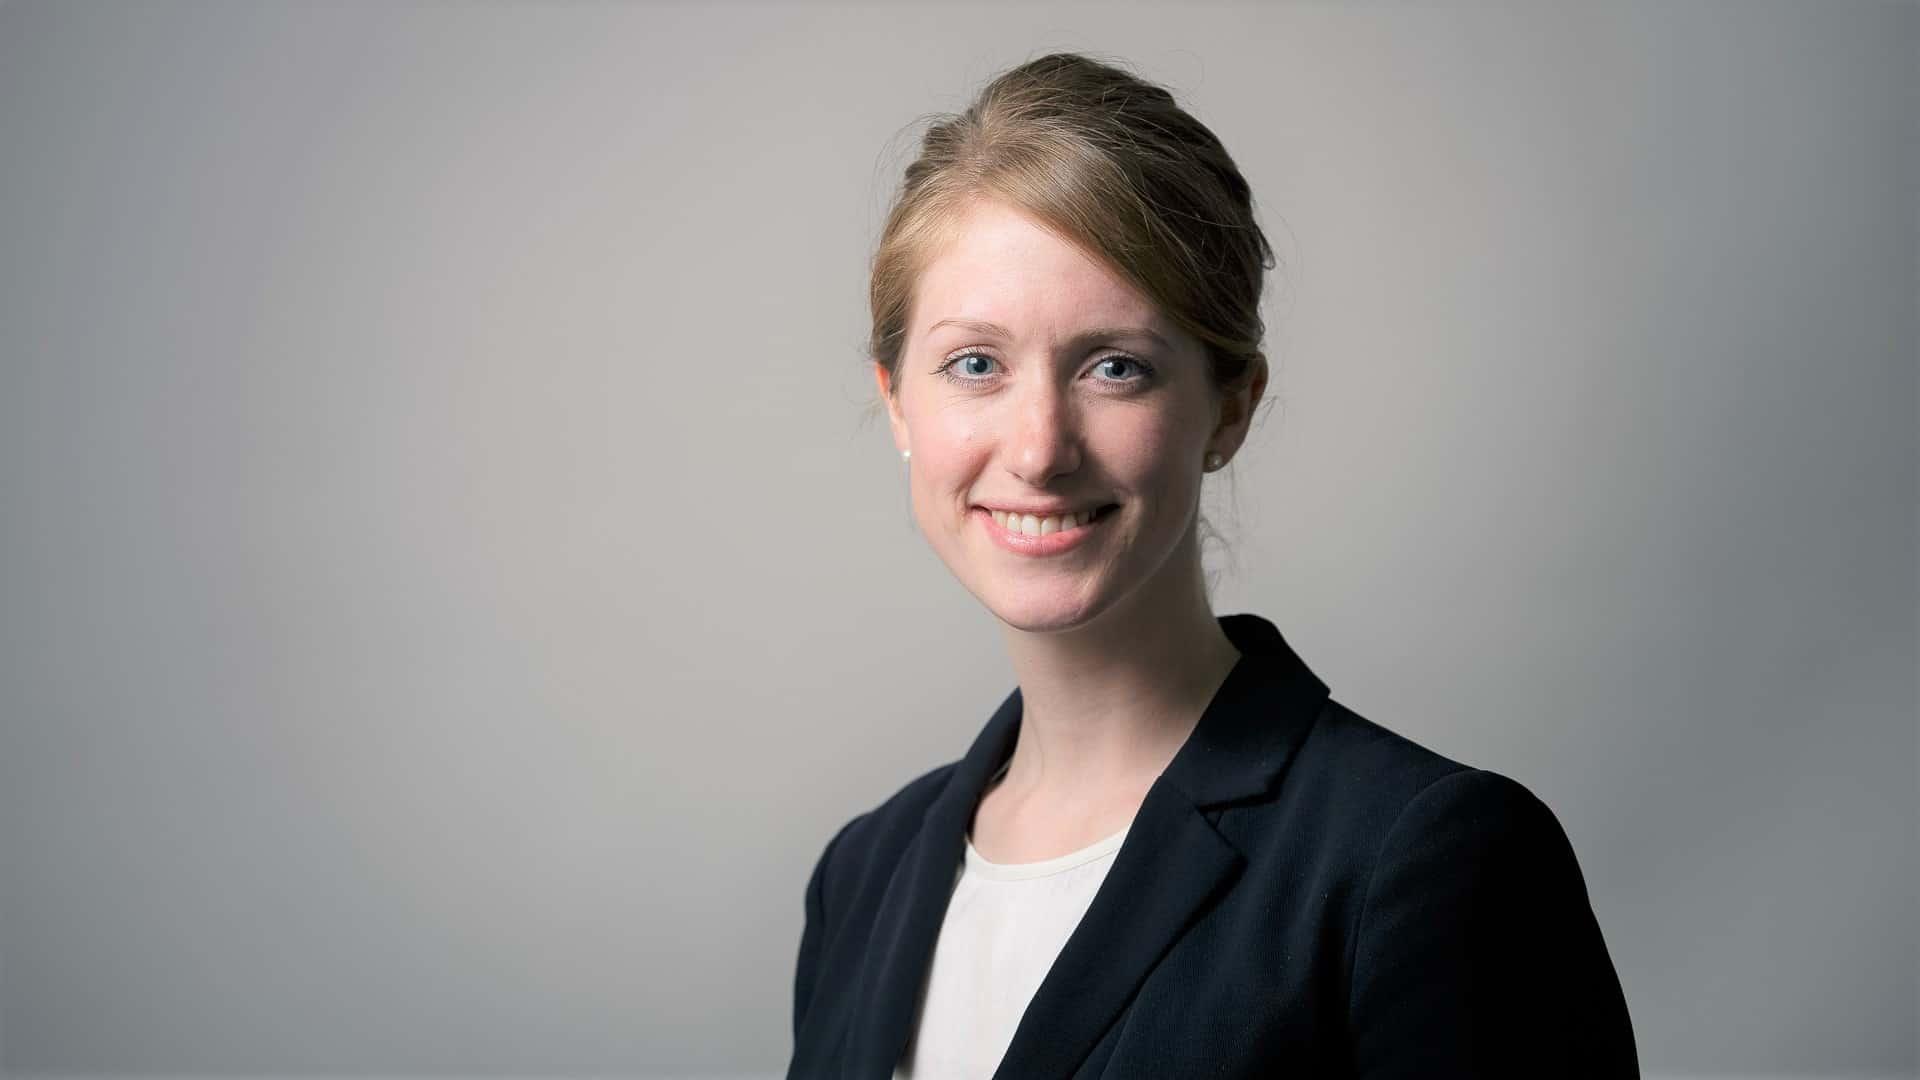 Rachel Naylor